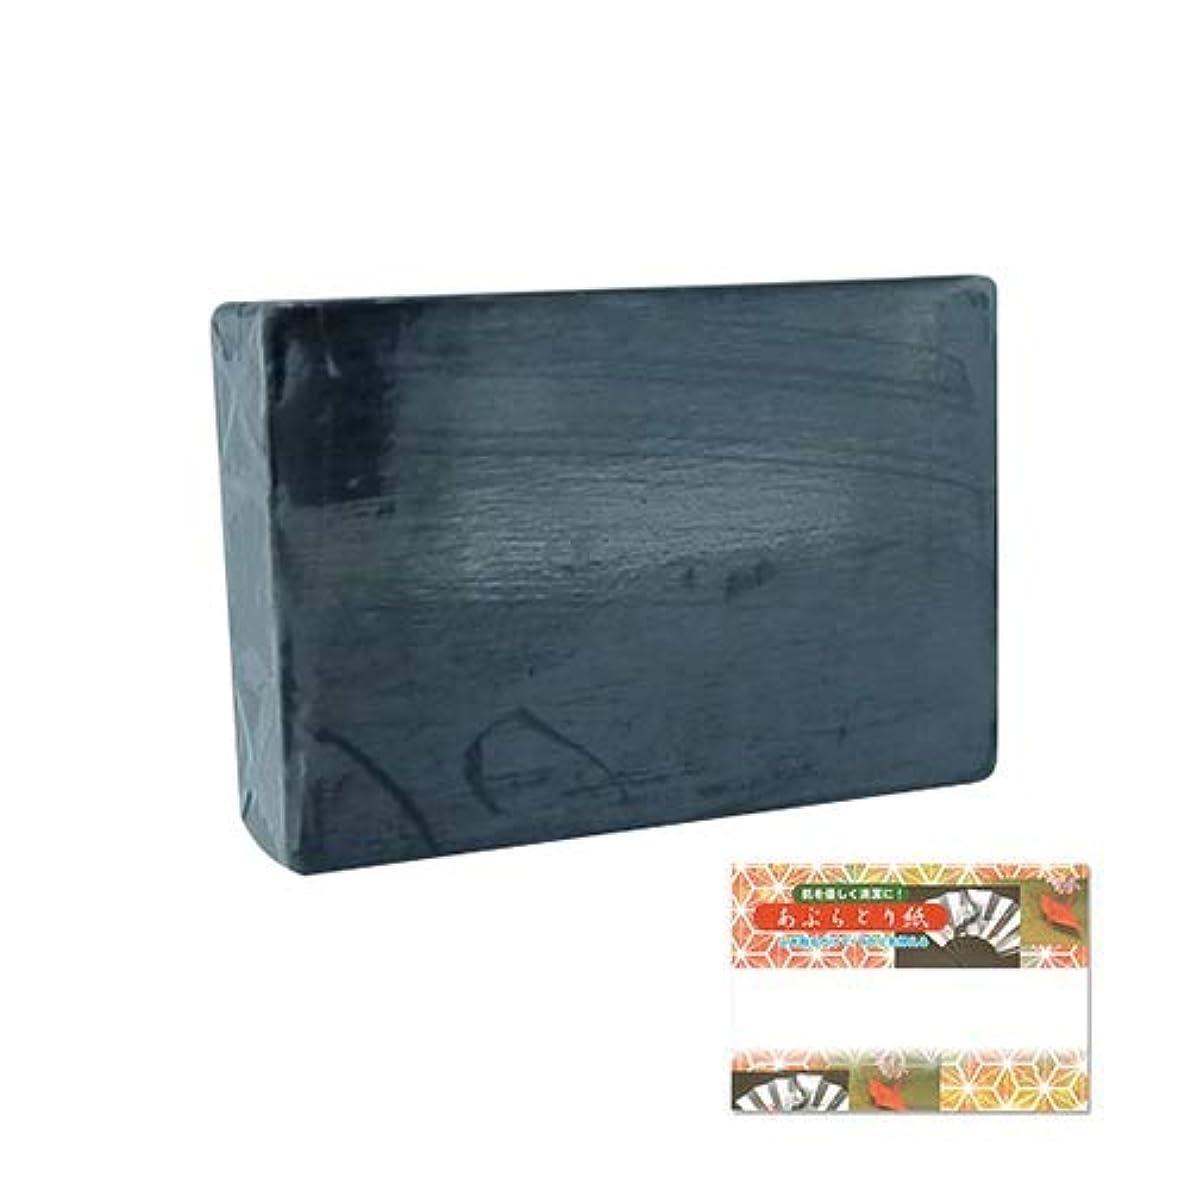 サンソリット スキンピールバー ミニソープ15g ハイドロキノール×2個セット + あぶらとり紙セット